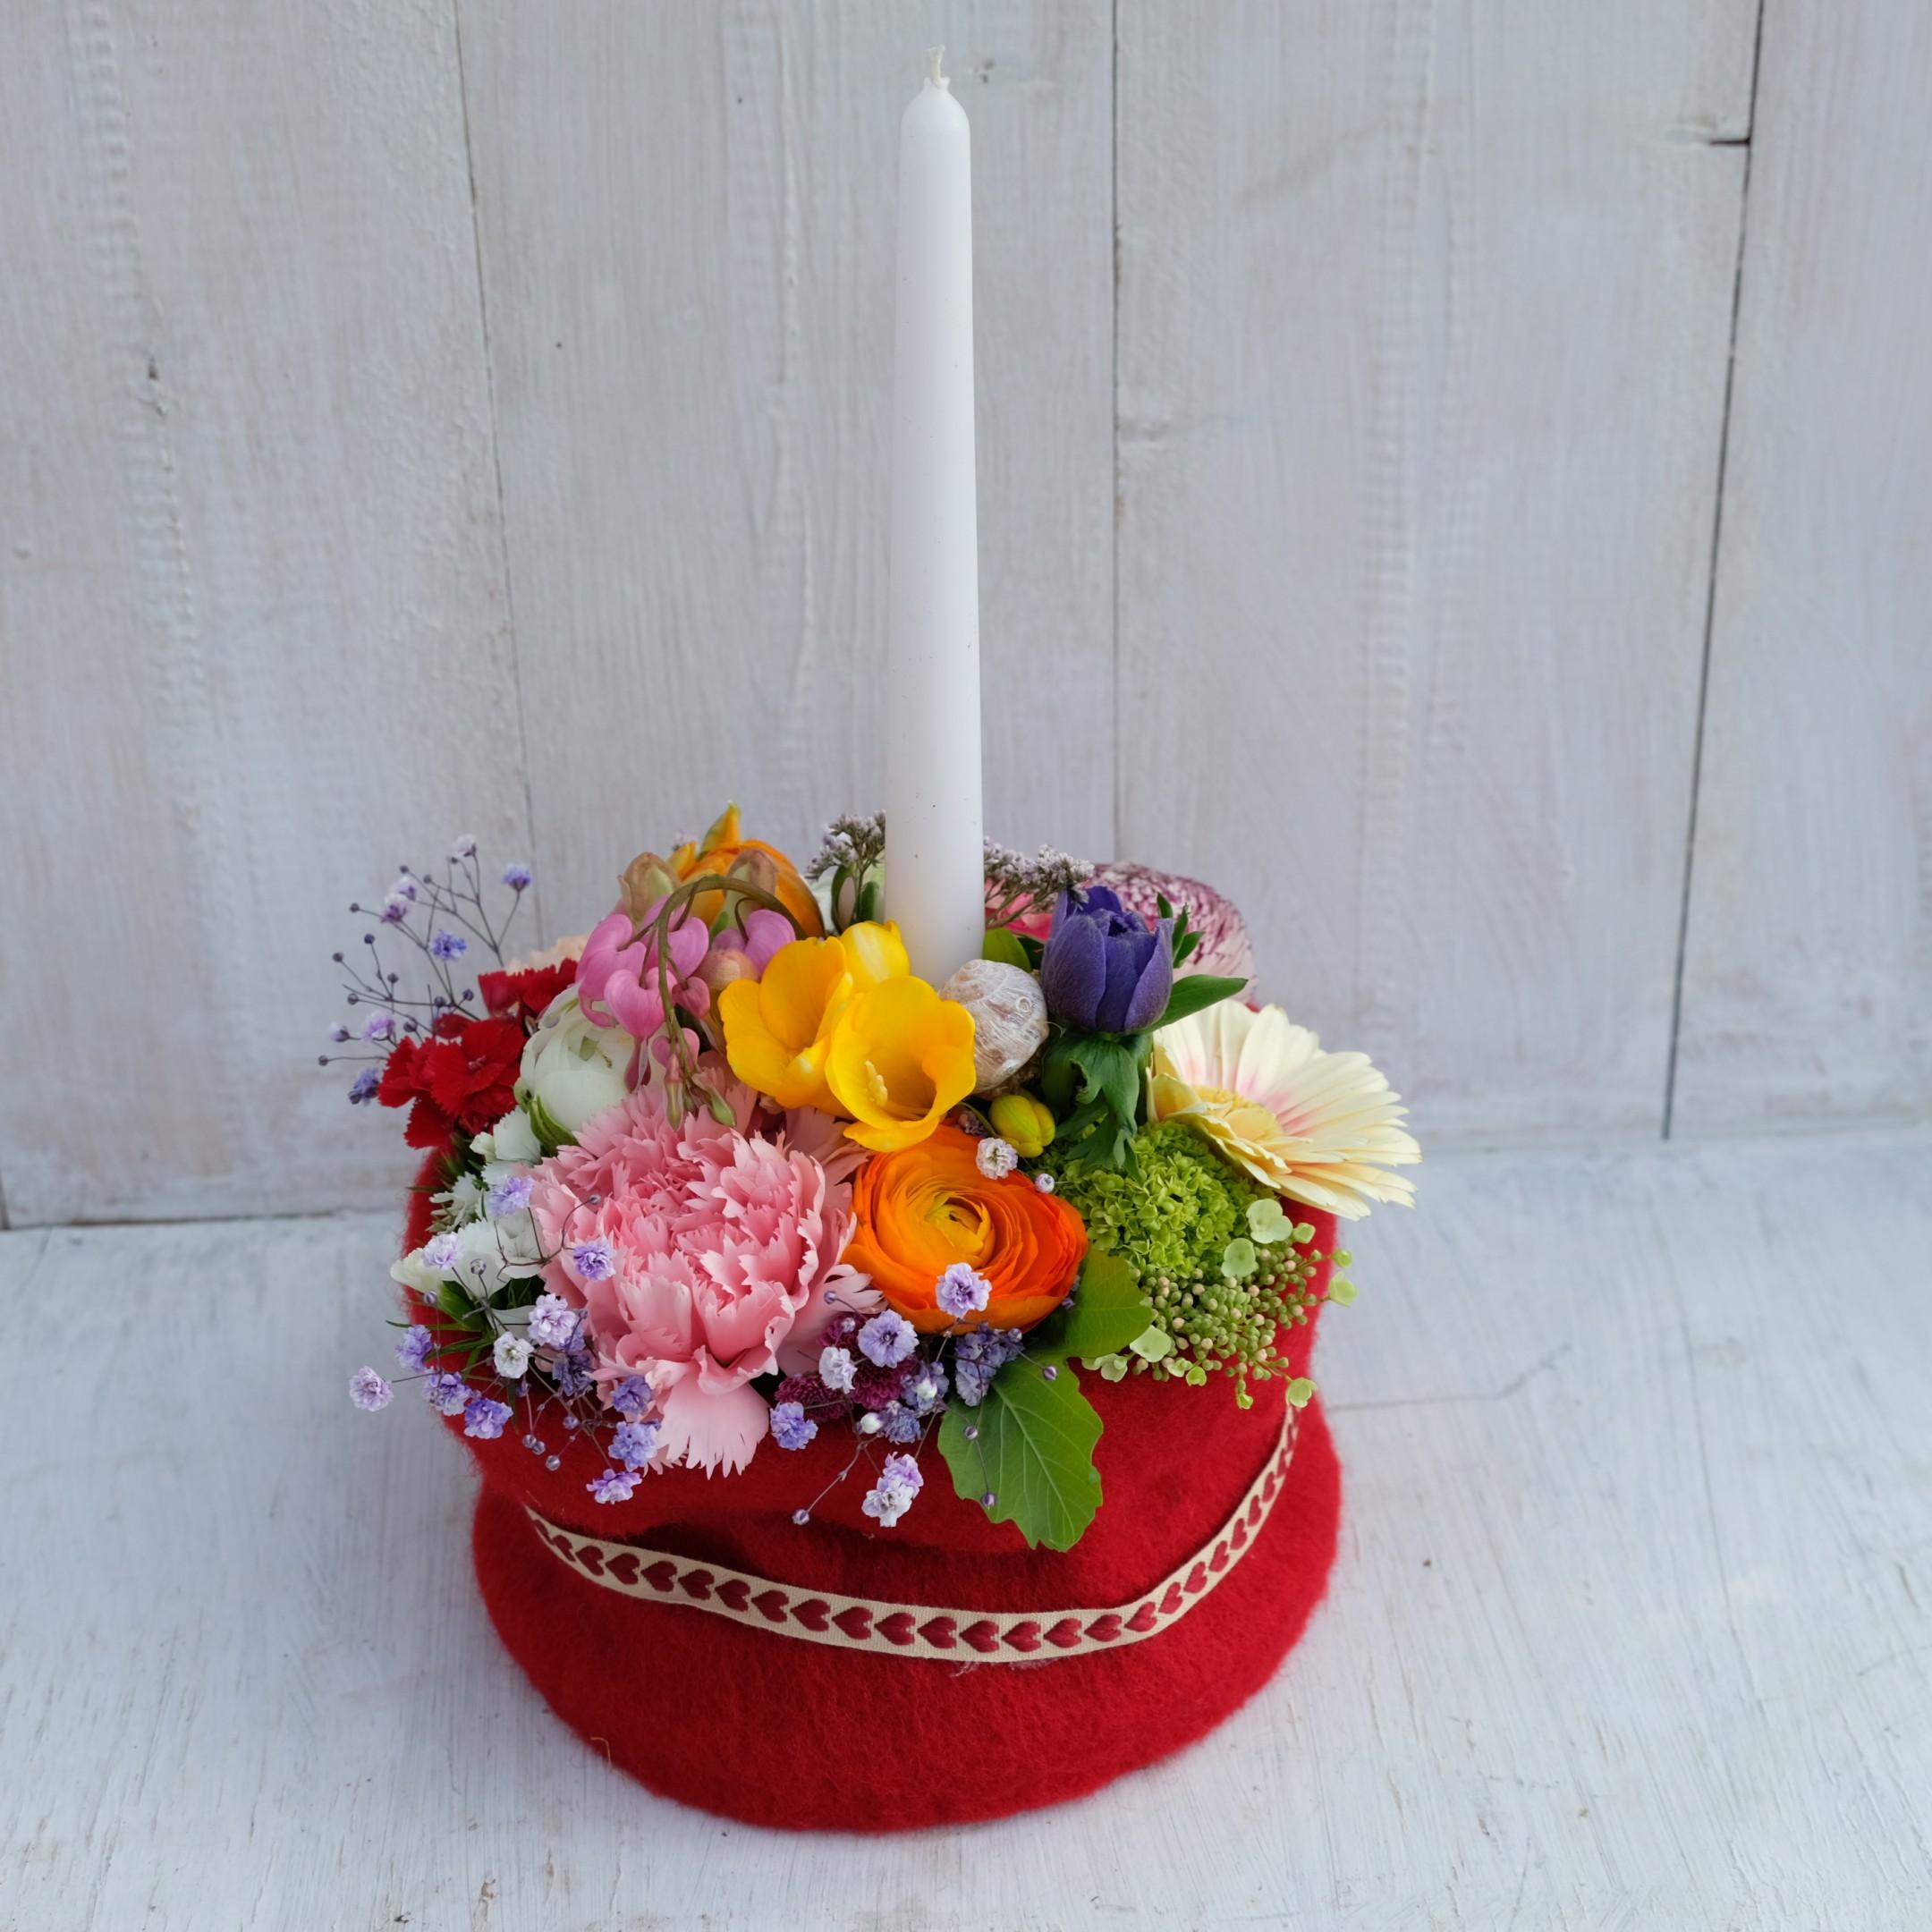 Mamas Blumentorte Bild 2